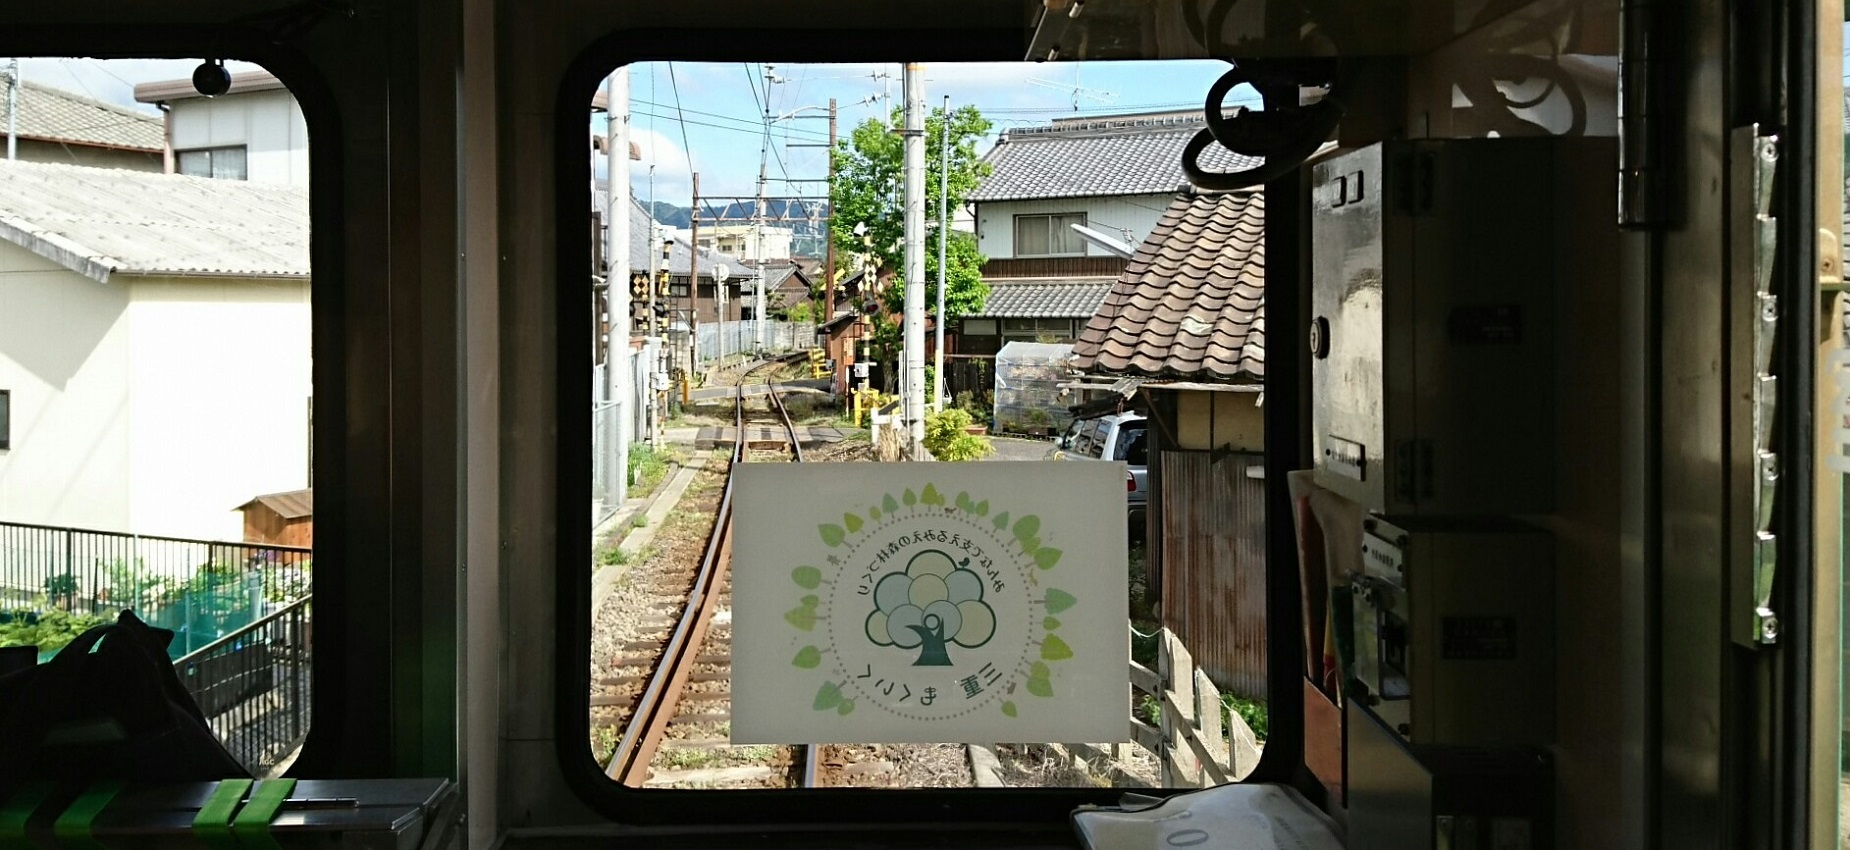 2018.4.26 上野 (38) 伊賀神戸いきふつう - 茅町-広小路間 1850-850